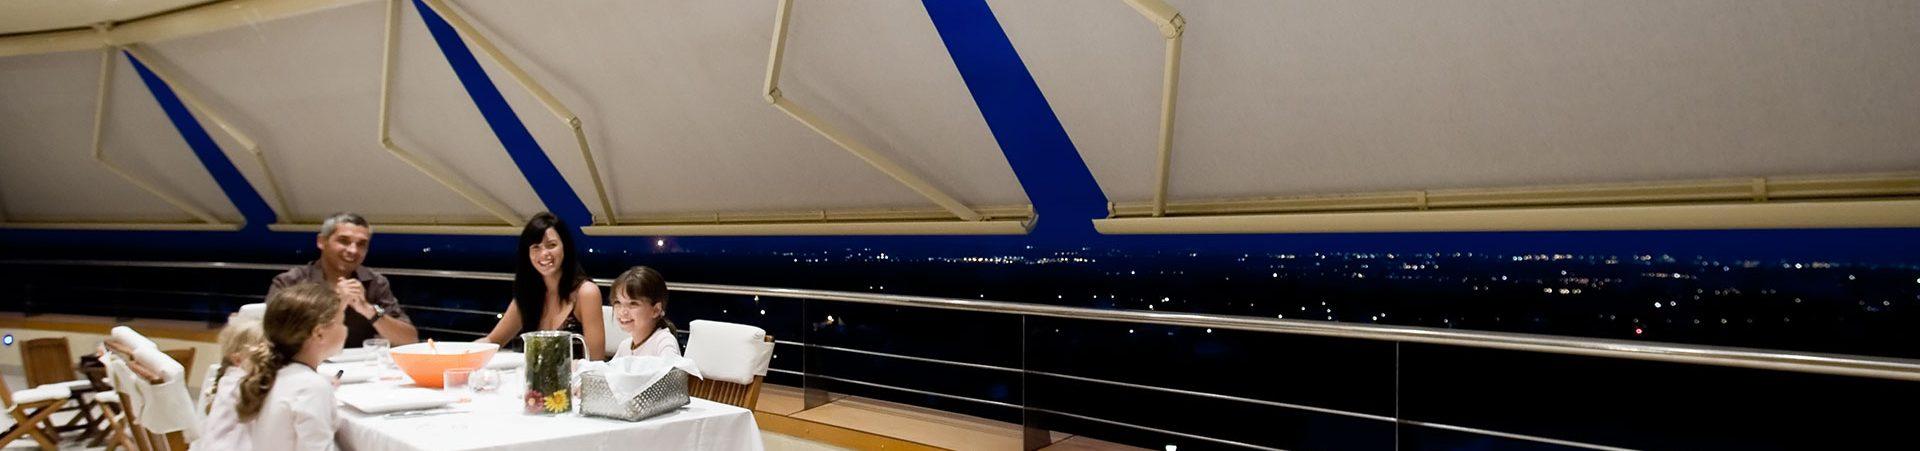 familia cenando con toldos cofre en balcon de fondo